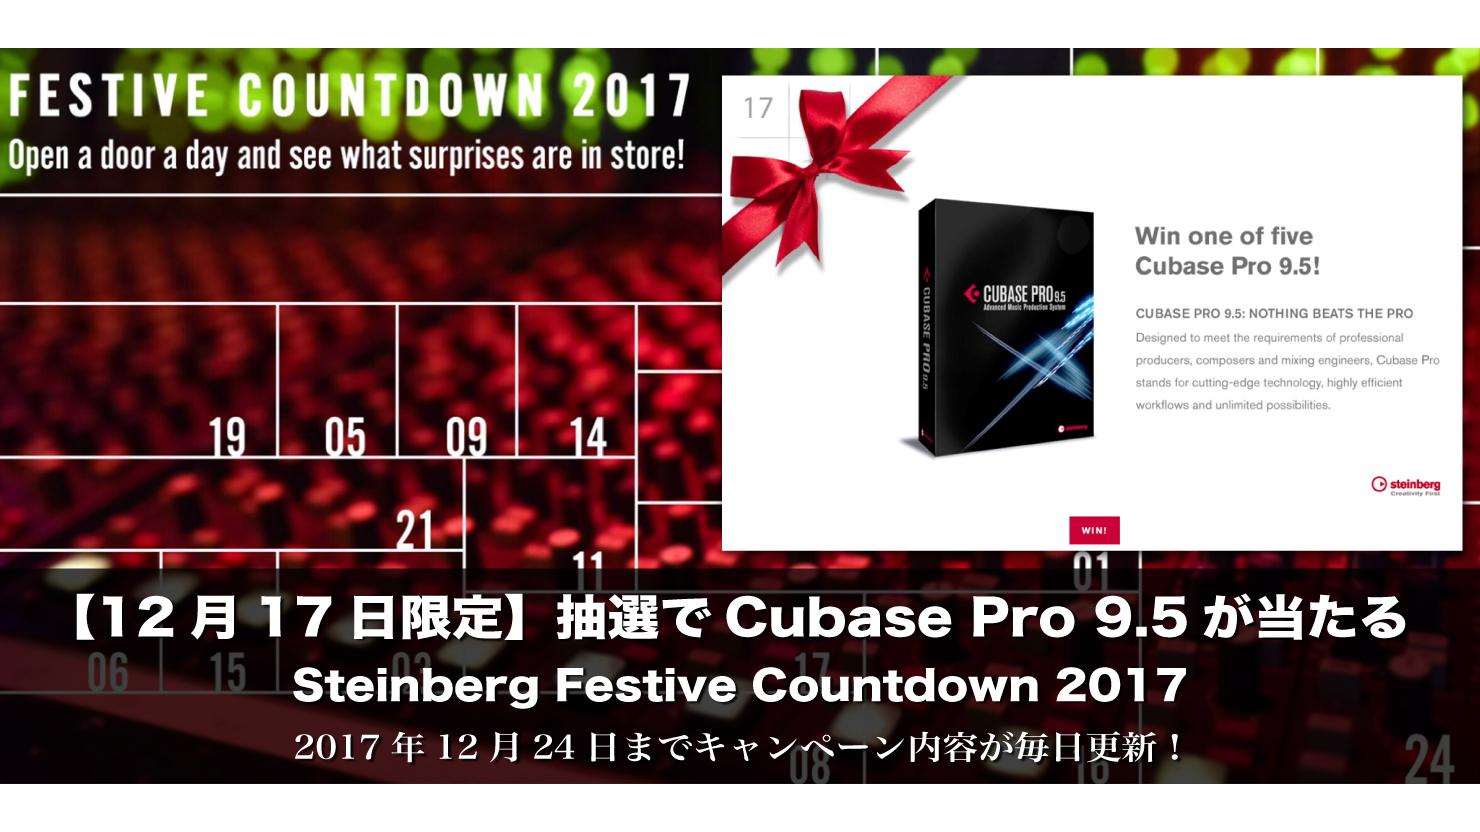 【12月17日限定】抽選でCubase Pro 9.5が当たる Steinberg Festive Countdown 2017